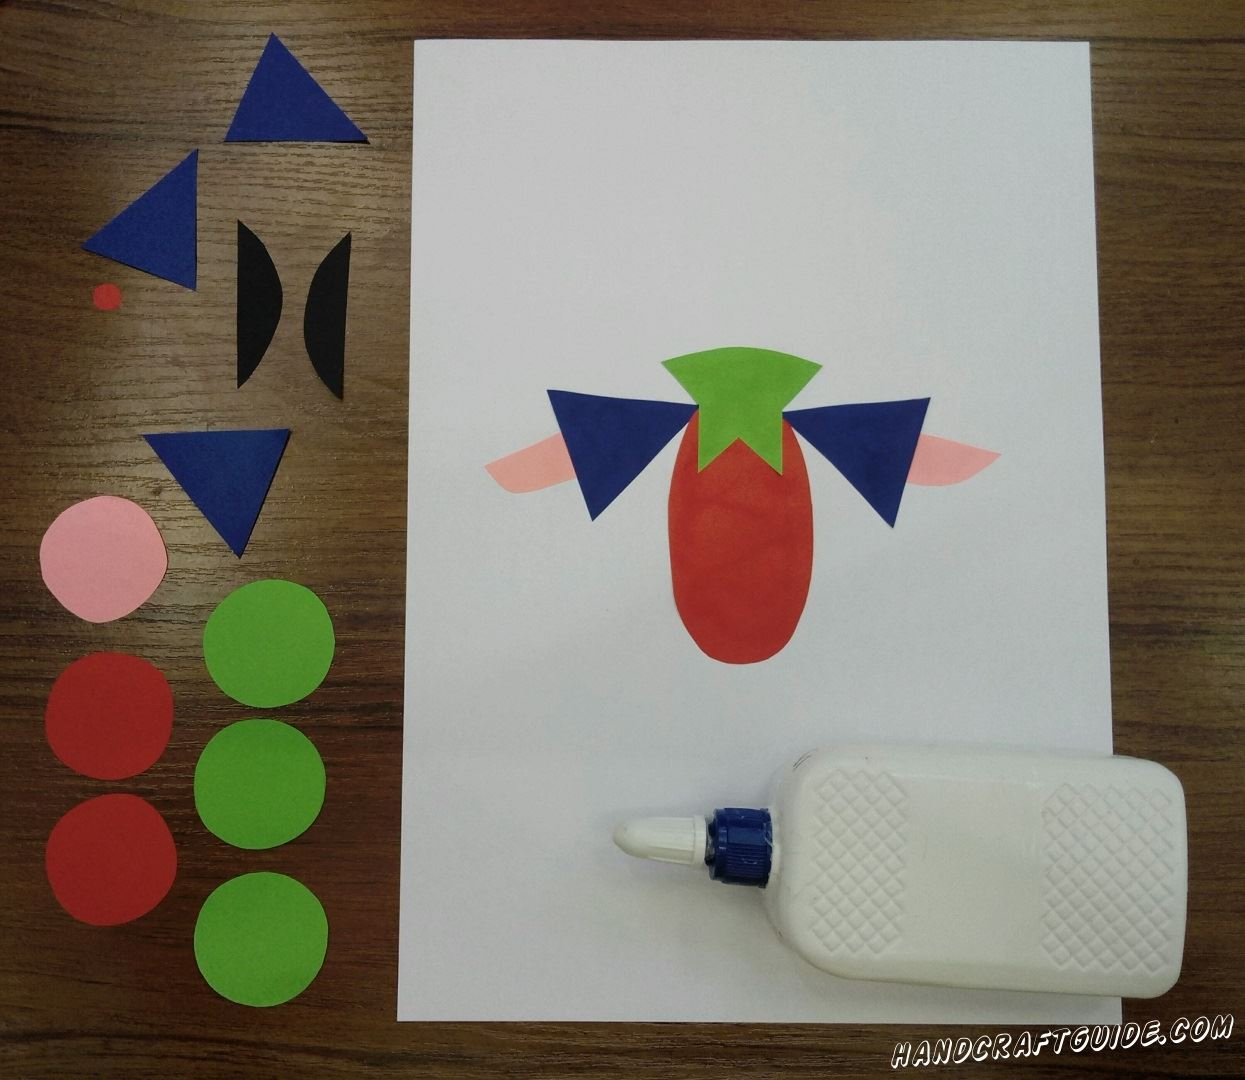 Приклеиваем наши детальки на белый лист бумаги. Сначала клеим красный овал. Затем приклеим зелёный воротник и рукава с ручками